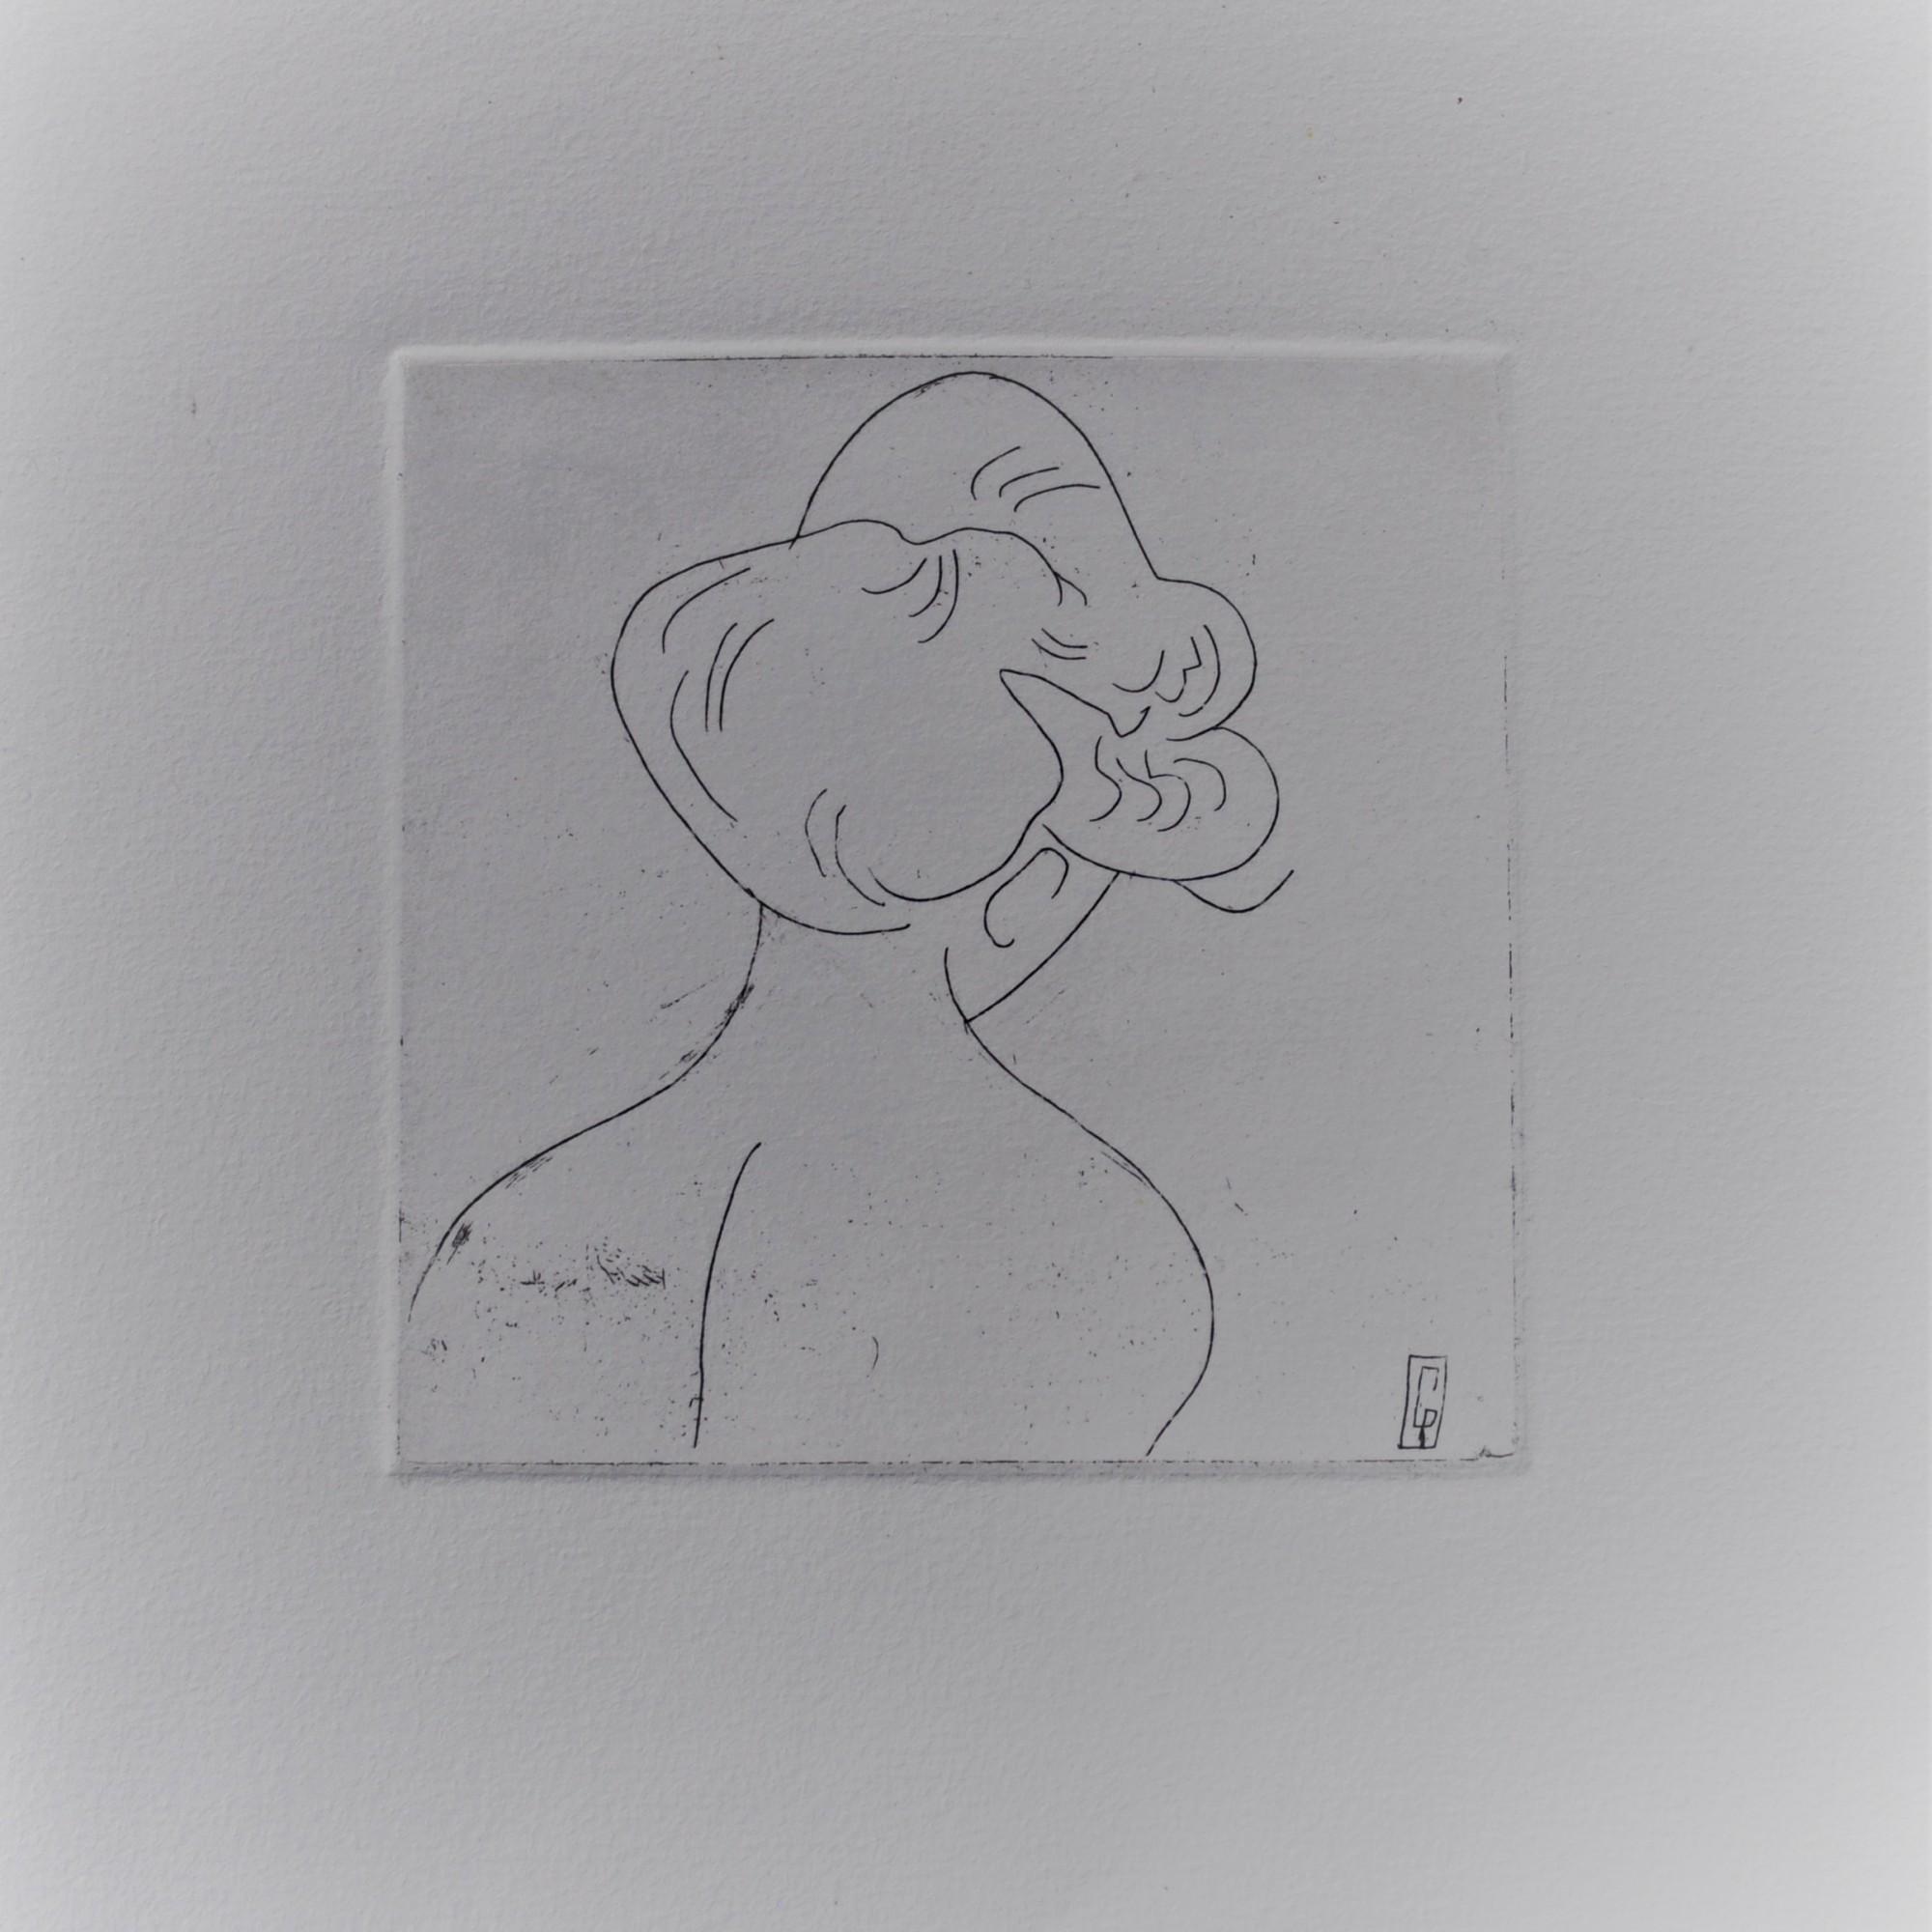 (c) Confais La Coiffure Eau Forte matrice 10x10 imprimée sur papier Hannemühle 20x20 en 40 exemplaires numérotés signés